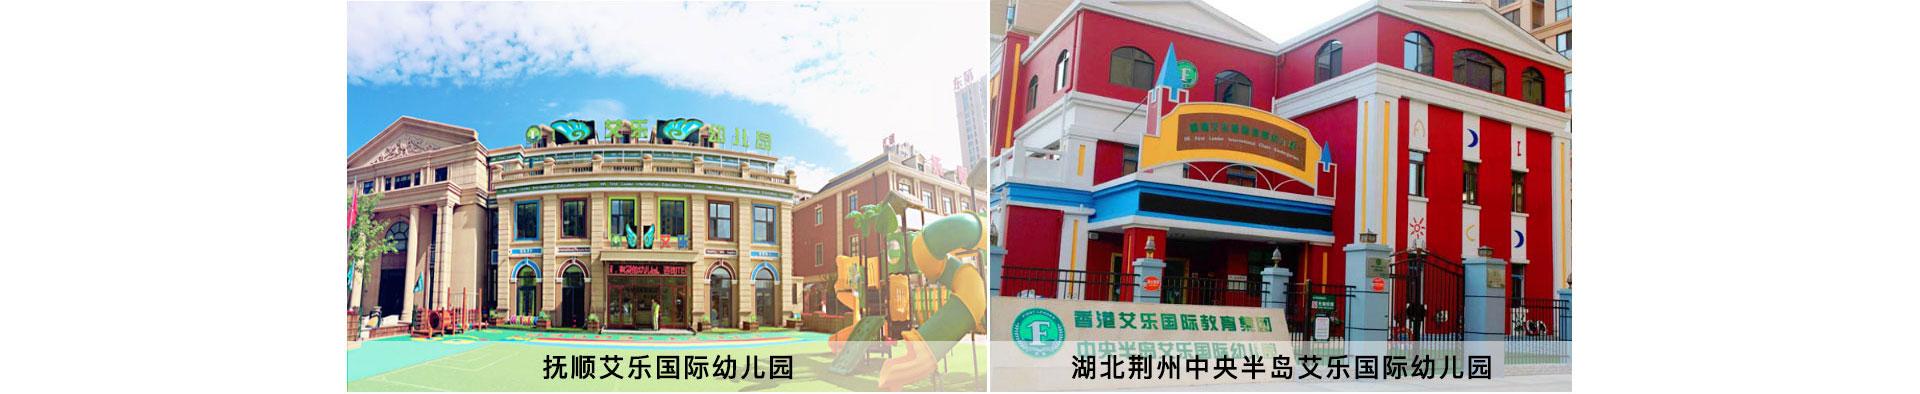 香港艾乐国际幼儿园al_24